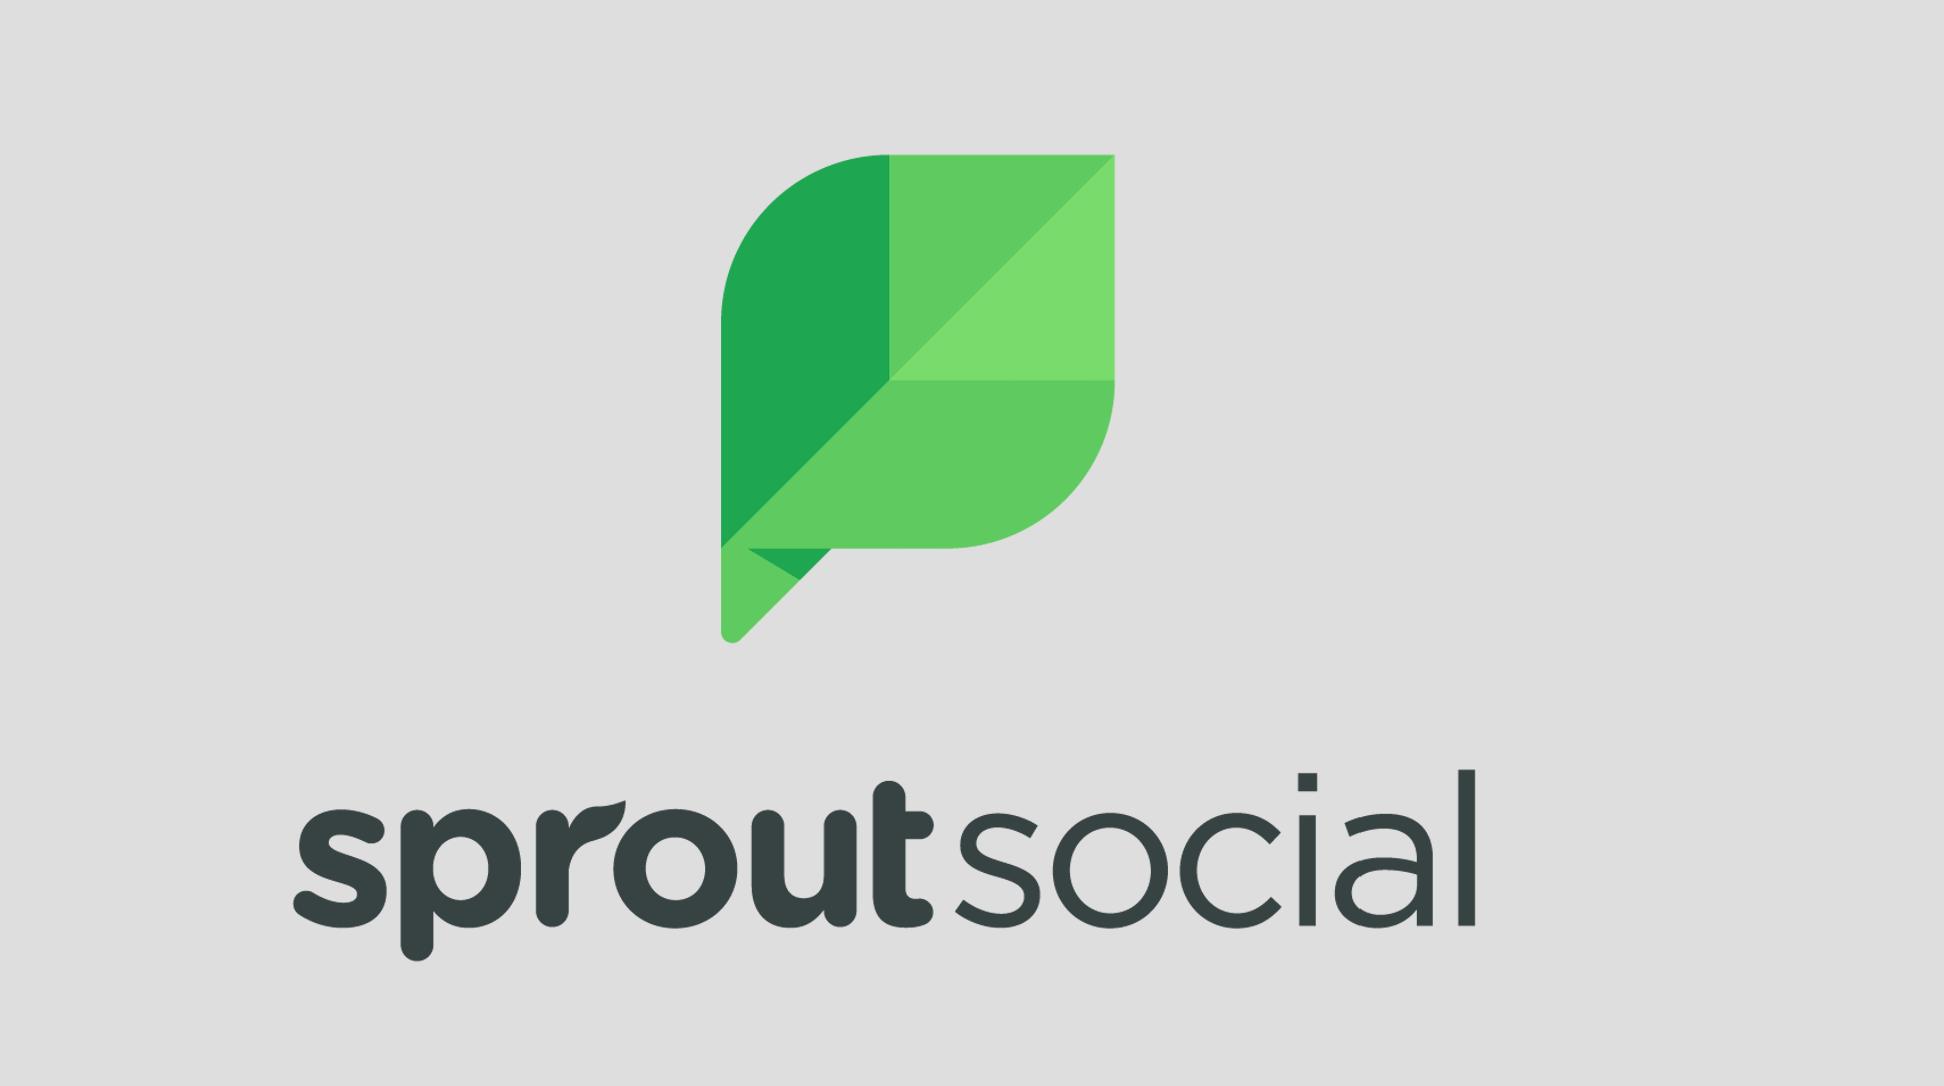 como usar sprout social